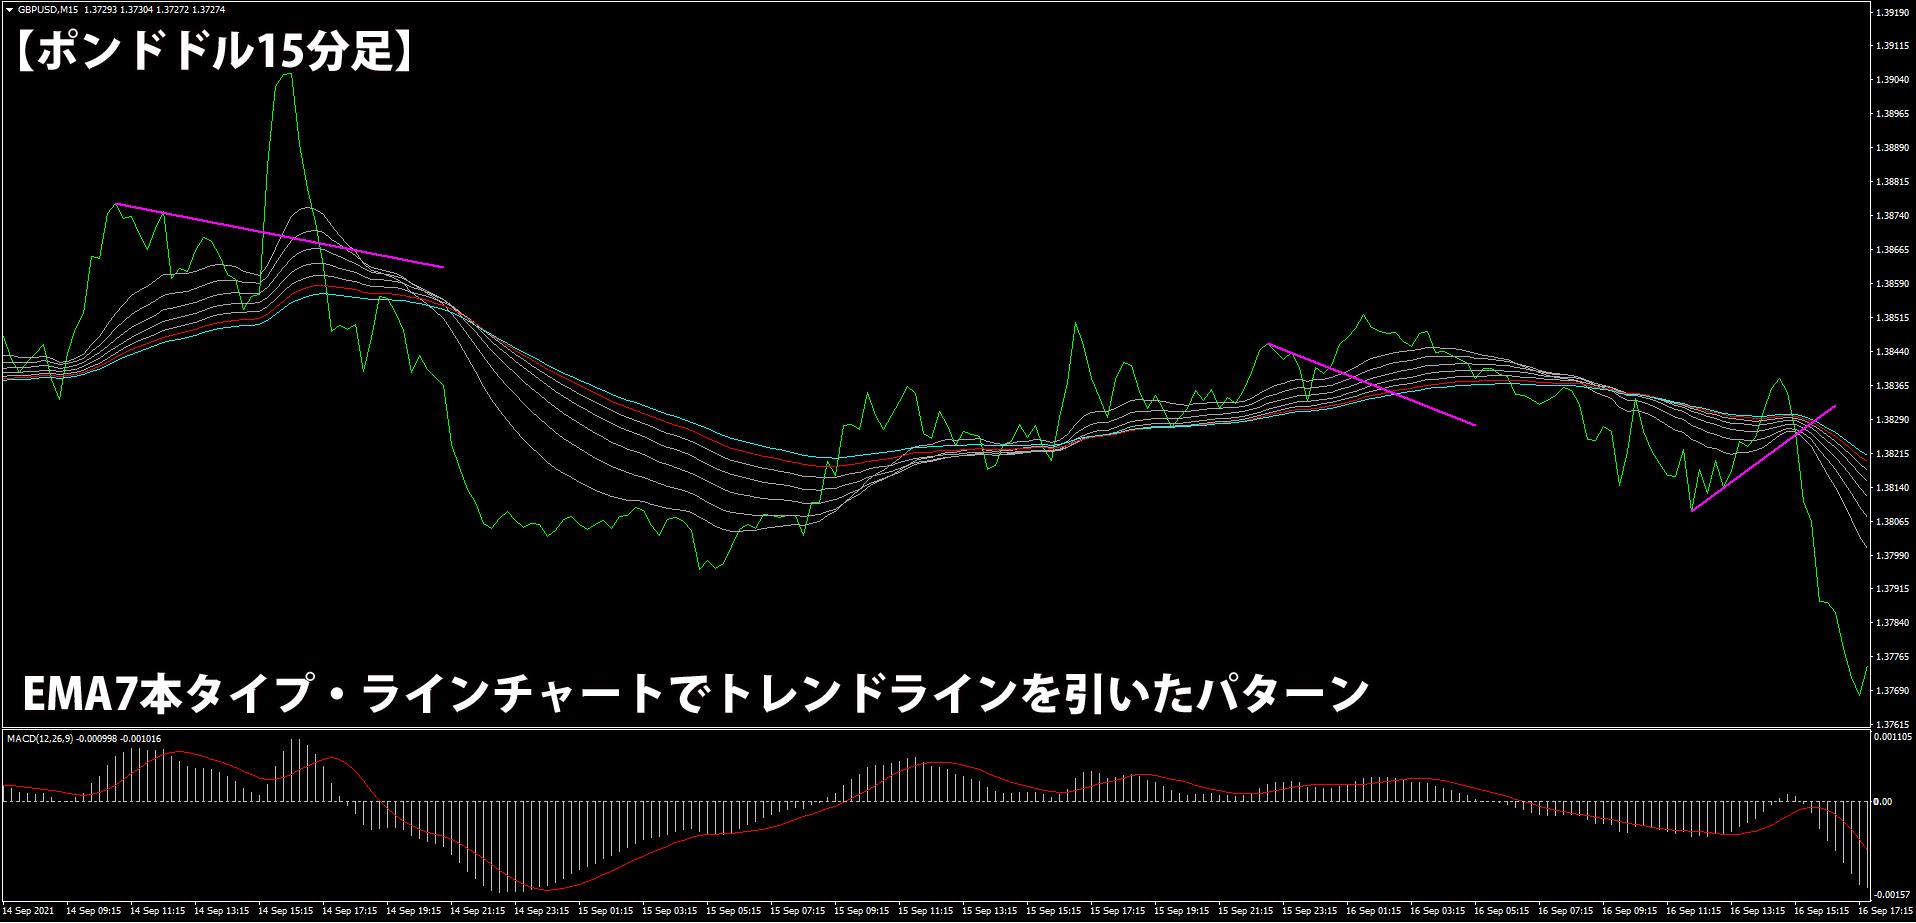 EMA7本+ラインチャートのパターン